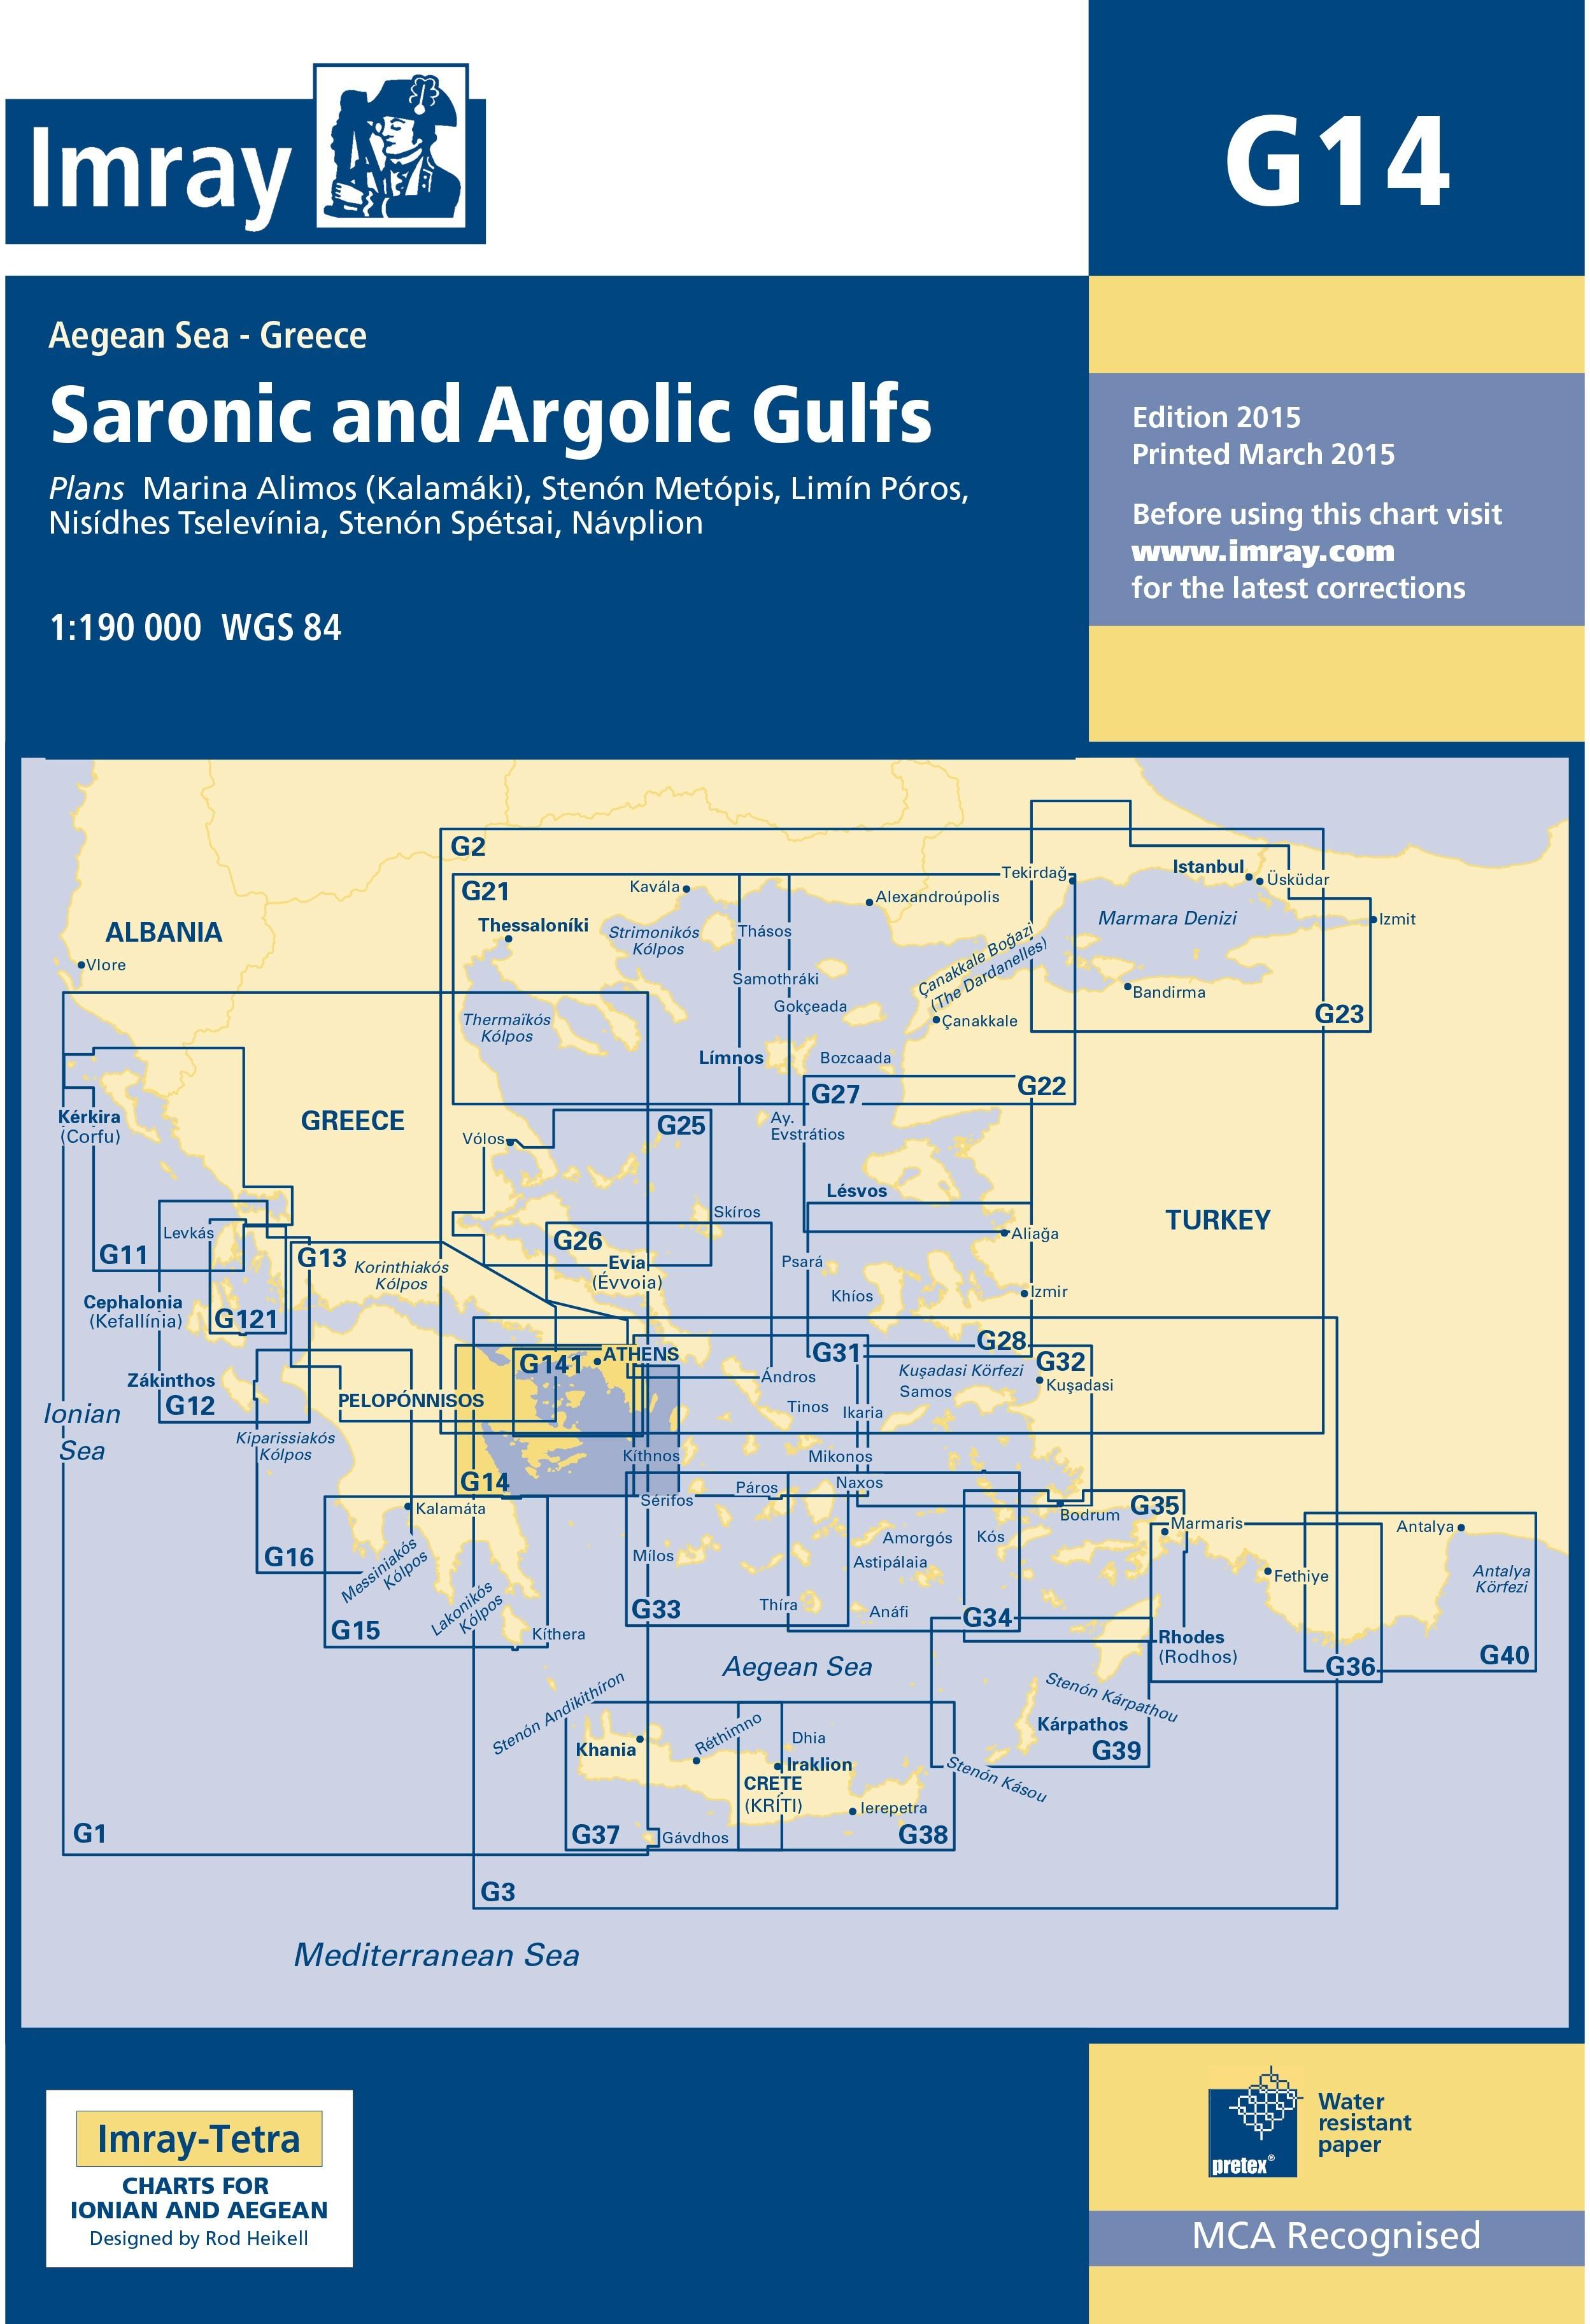 33.53 - Ναυτικός Χάρτης IMRAY ICG14-1 Αργοσαρωνικός & Αργολικός Κόλπος